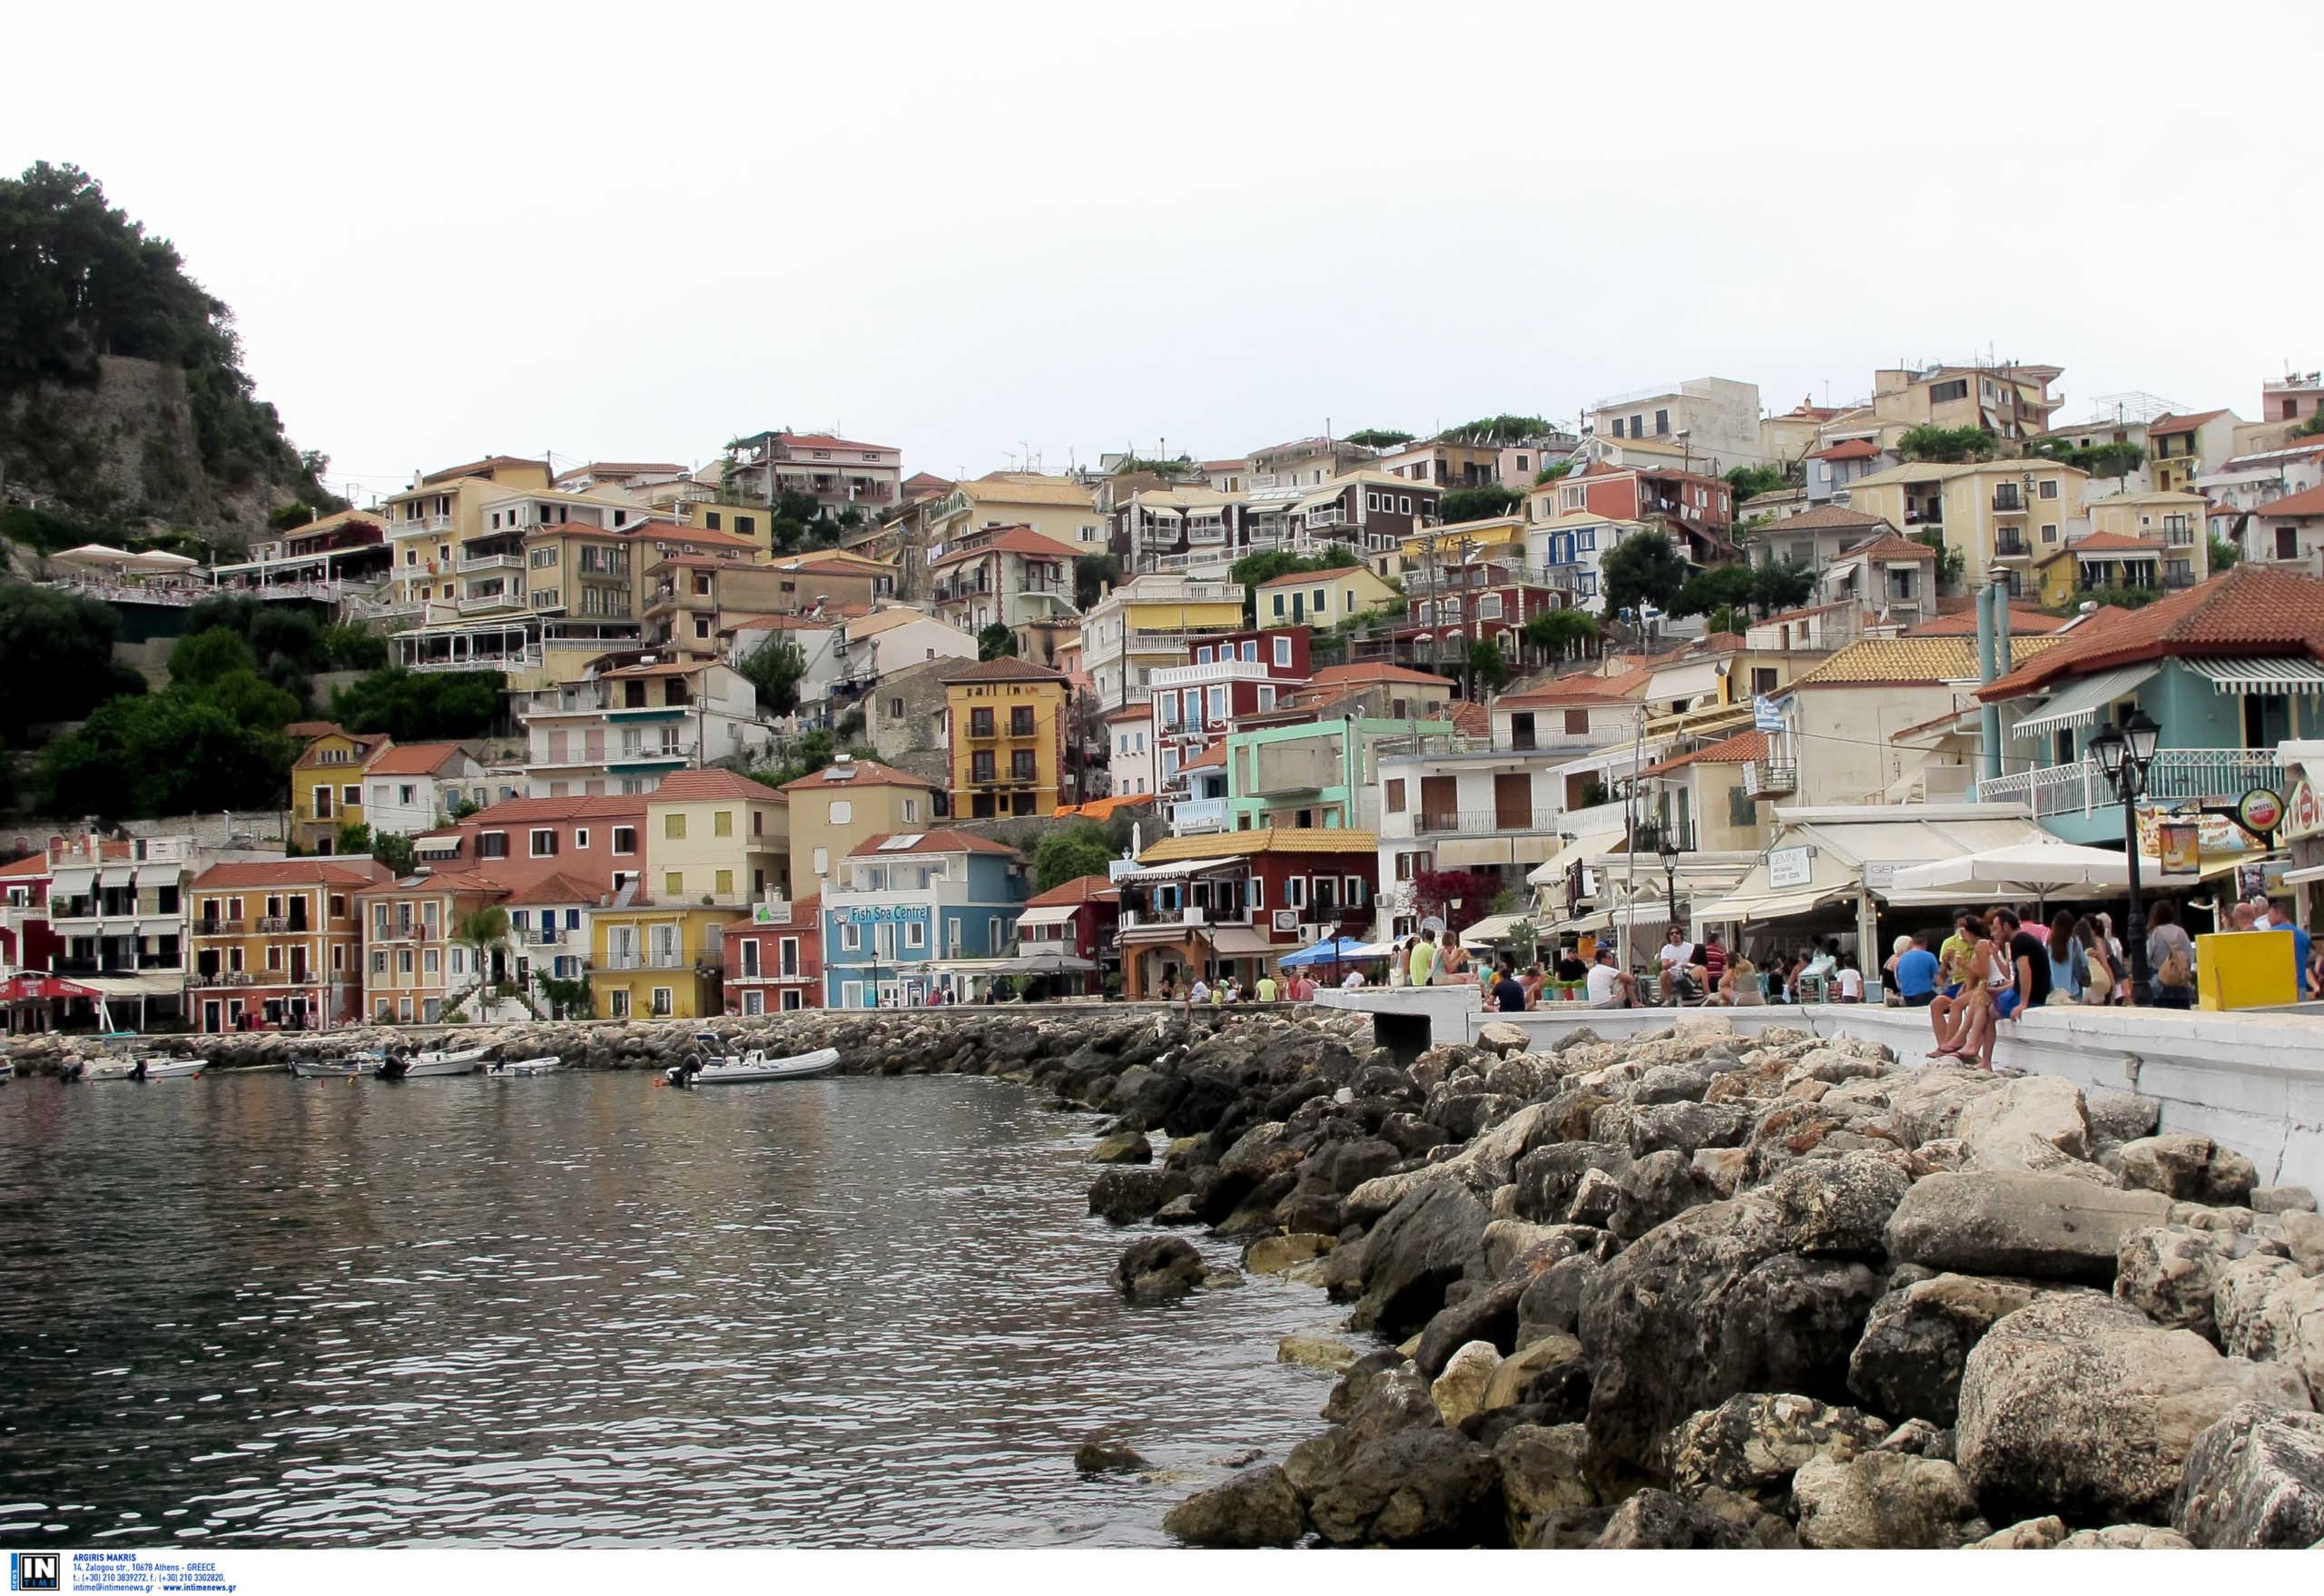 Ο εγχώριος τουρισμός δίνει ανάσα τον Αύγουστο στη βόρεια Ελλάδα – Πού  υπάρχει αυξημένη κίνηση